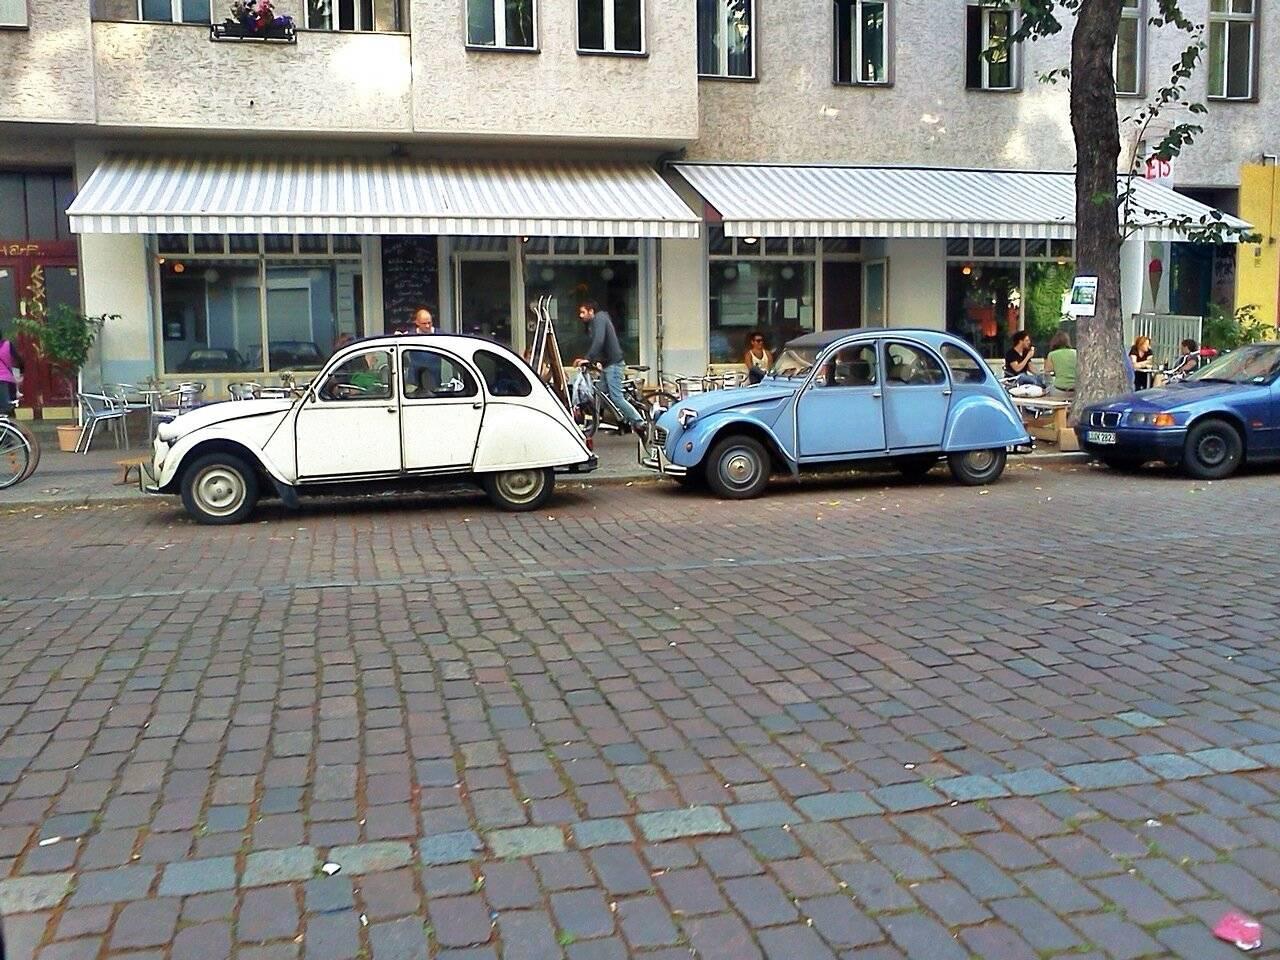 Путешествие в берлин  — как взять машину напрокат в европе? » конкретно.ru - новостной портал.